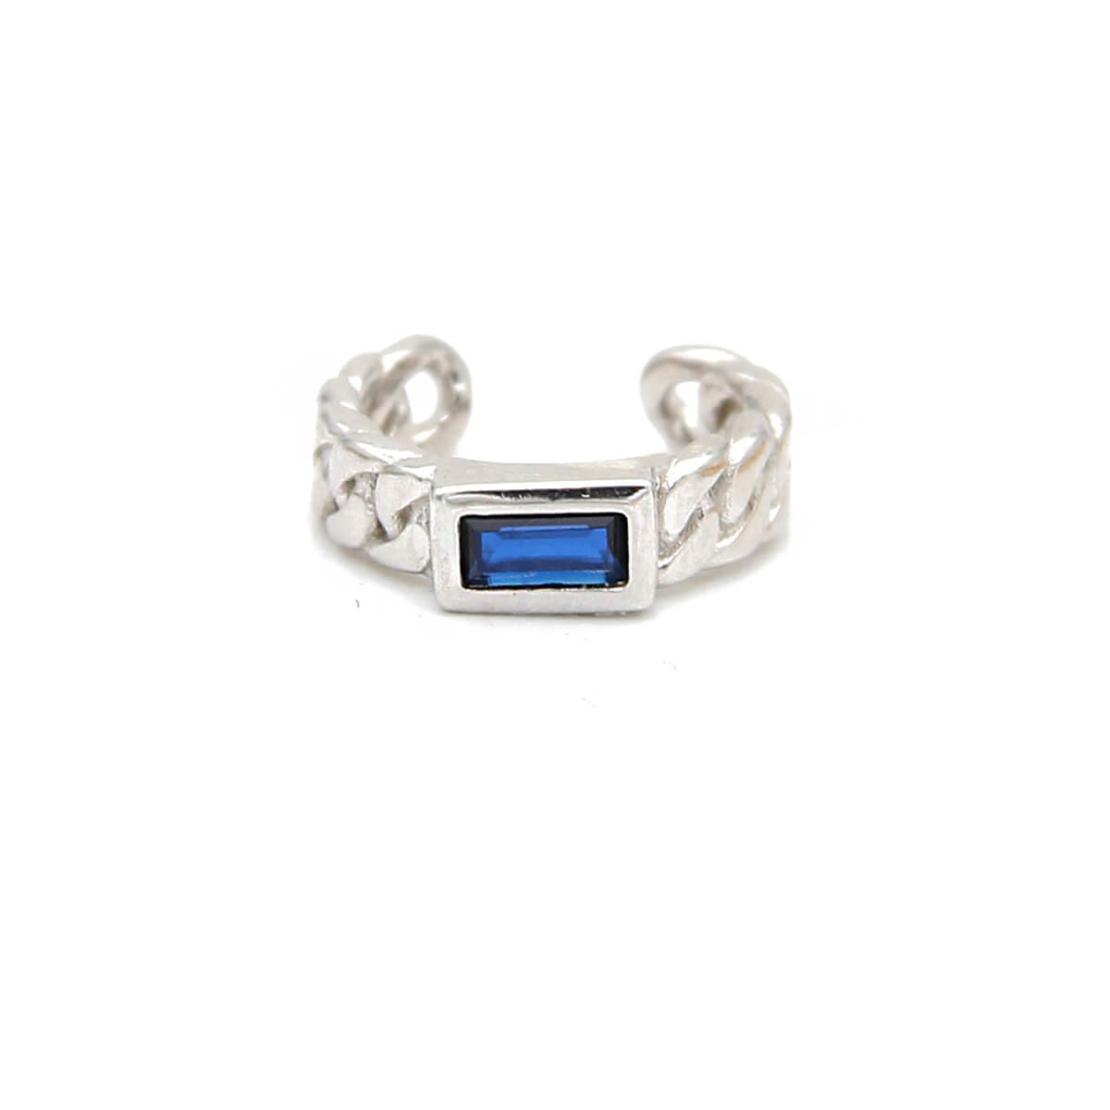 עגיל חבק גורמט זירקון כחול - כסף 925